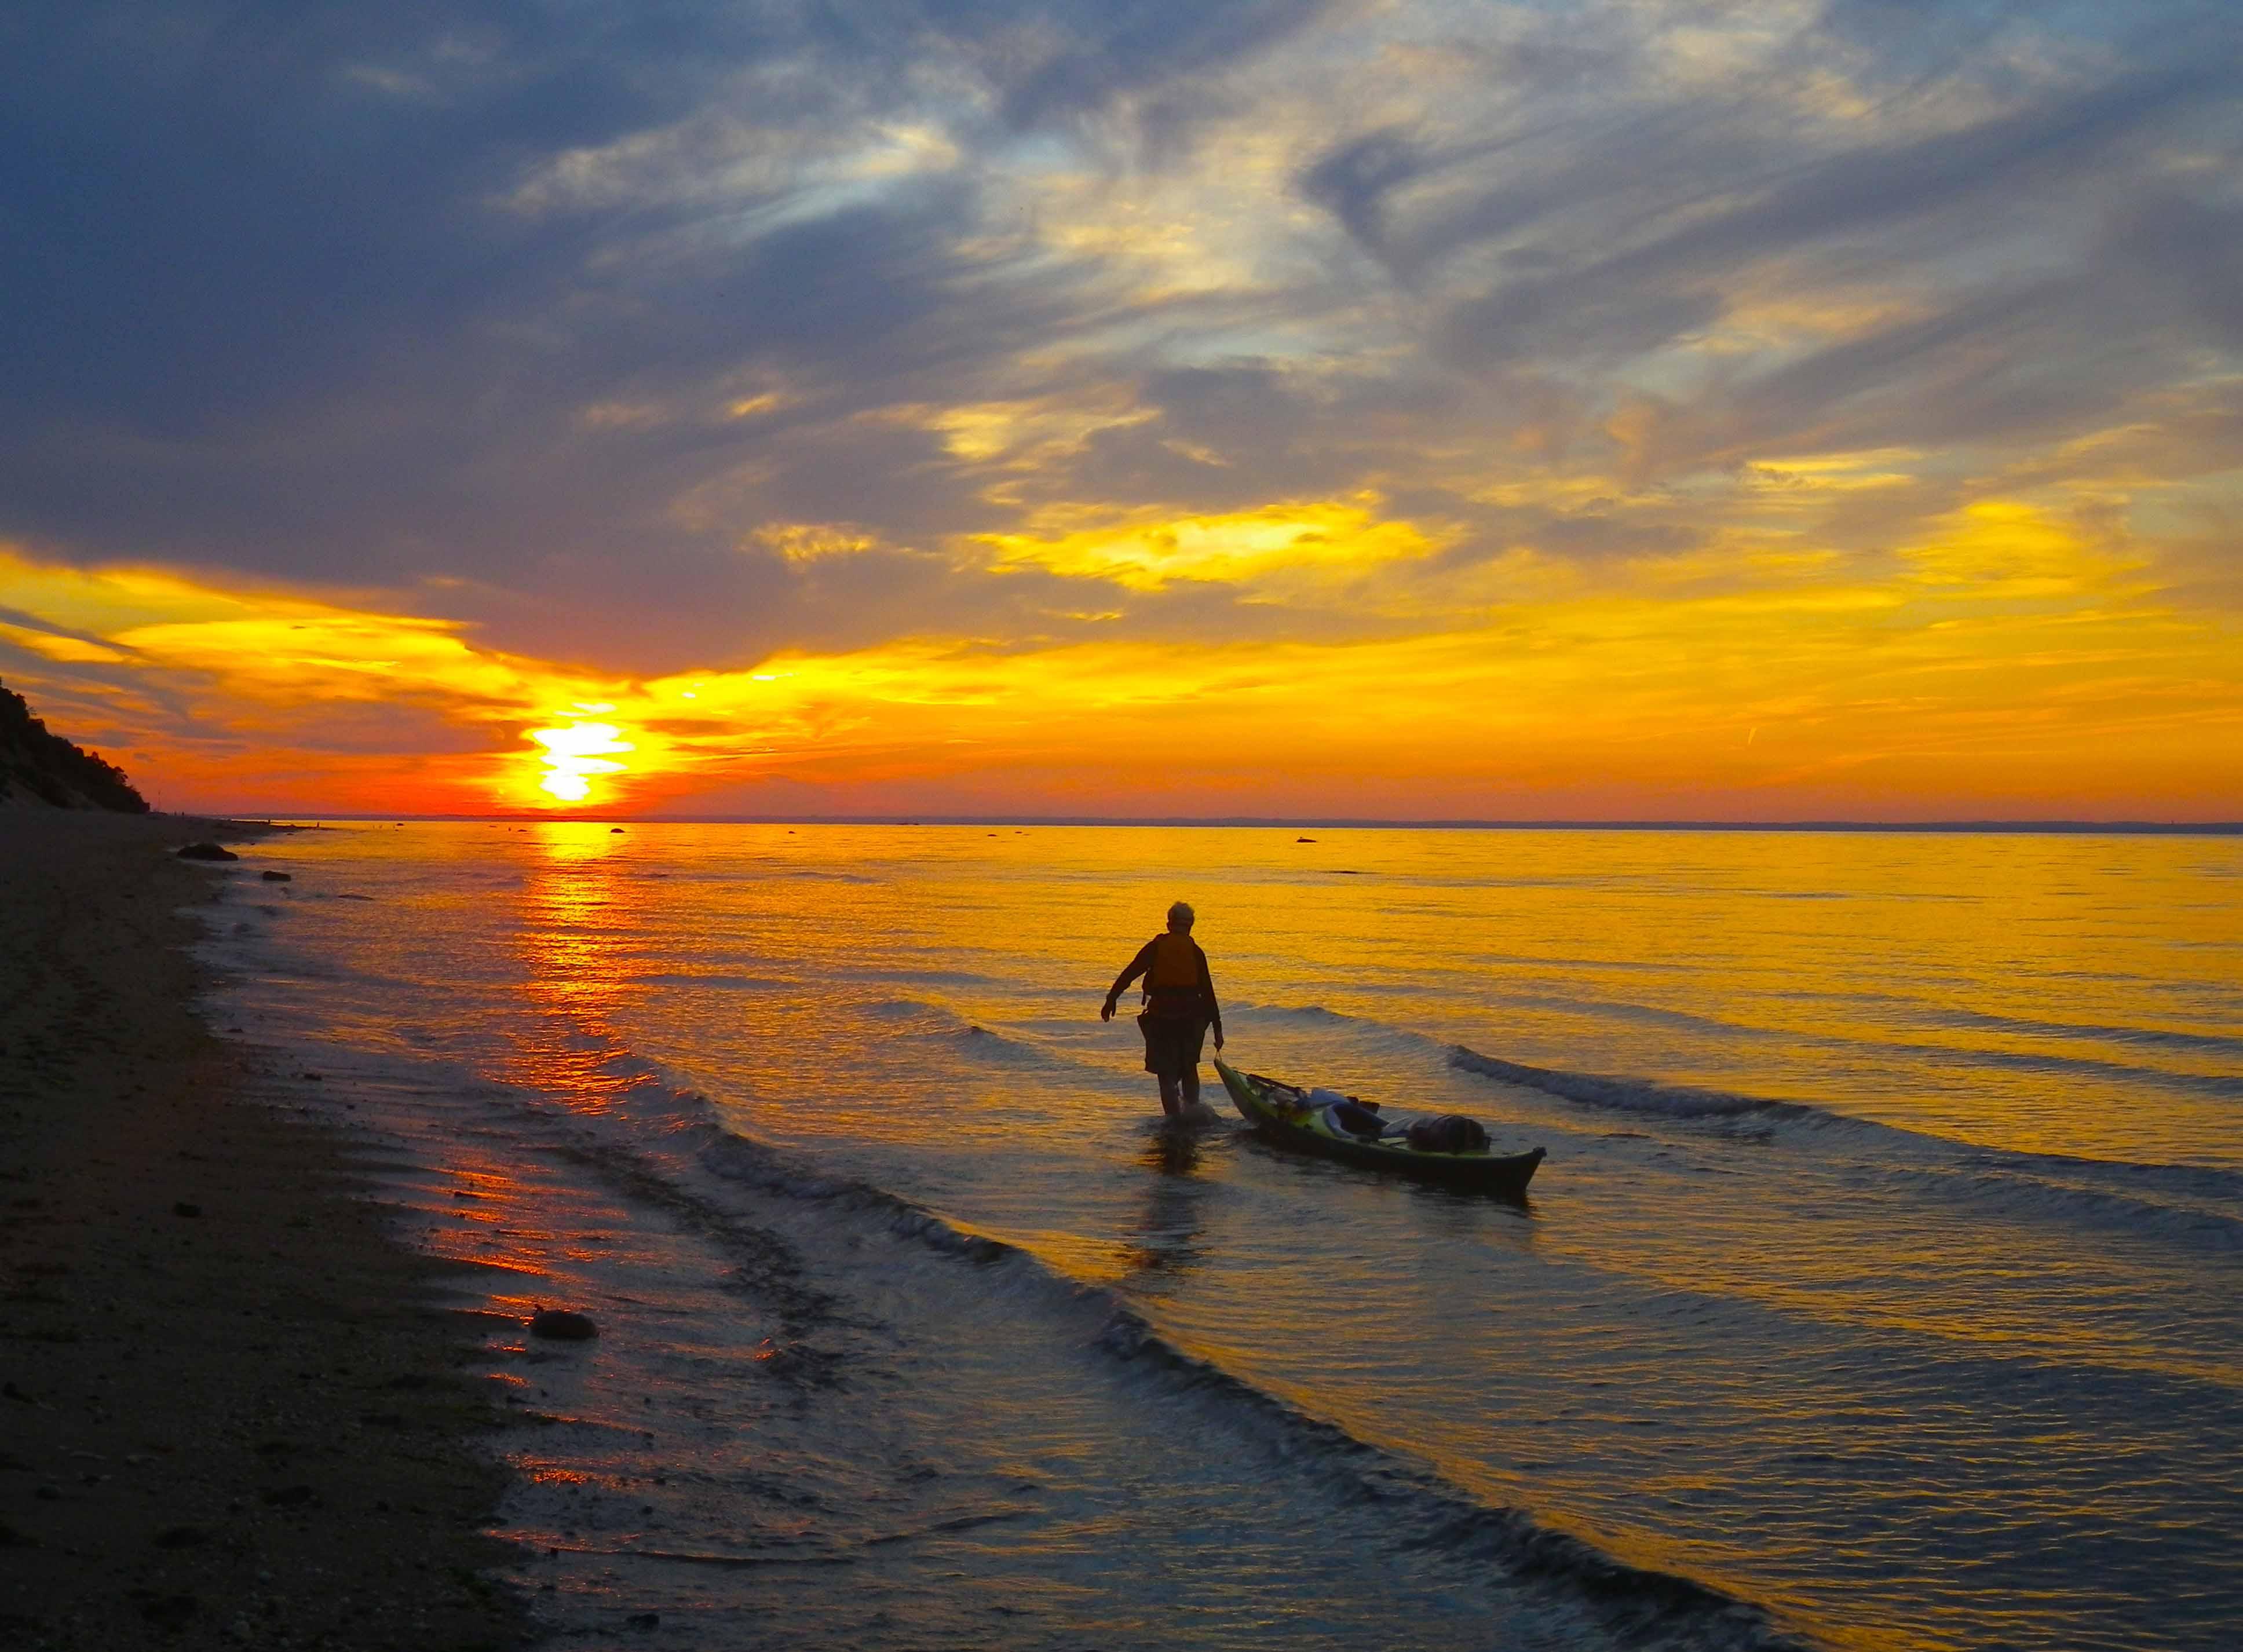 Sea Life Kayak Rentals And Kayak Tours